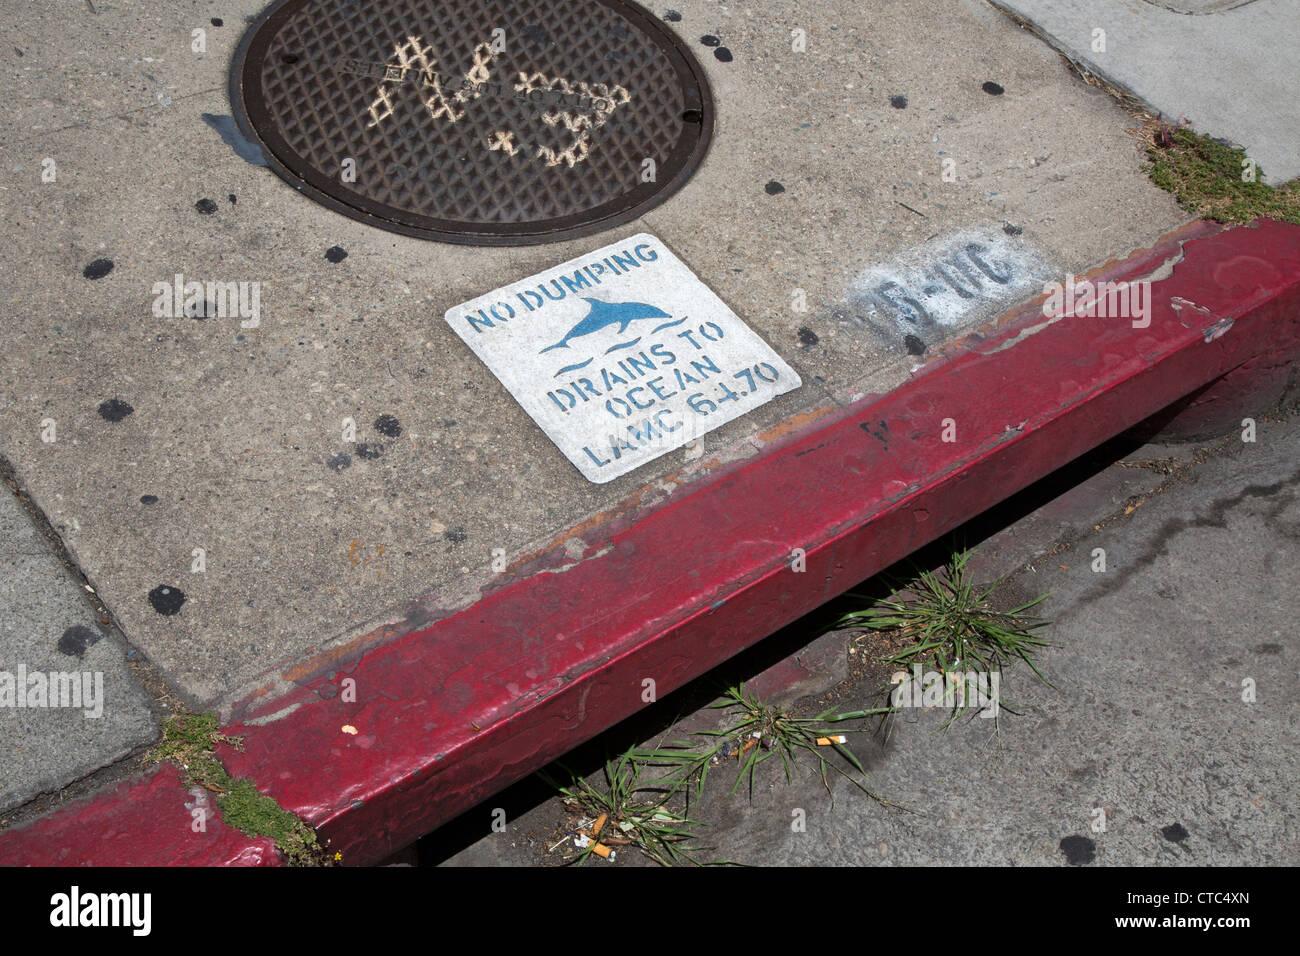 Los Angeles, Californie - un signe met en garde contre les décharges illégales dans une évacuation Photo Stock